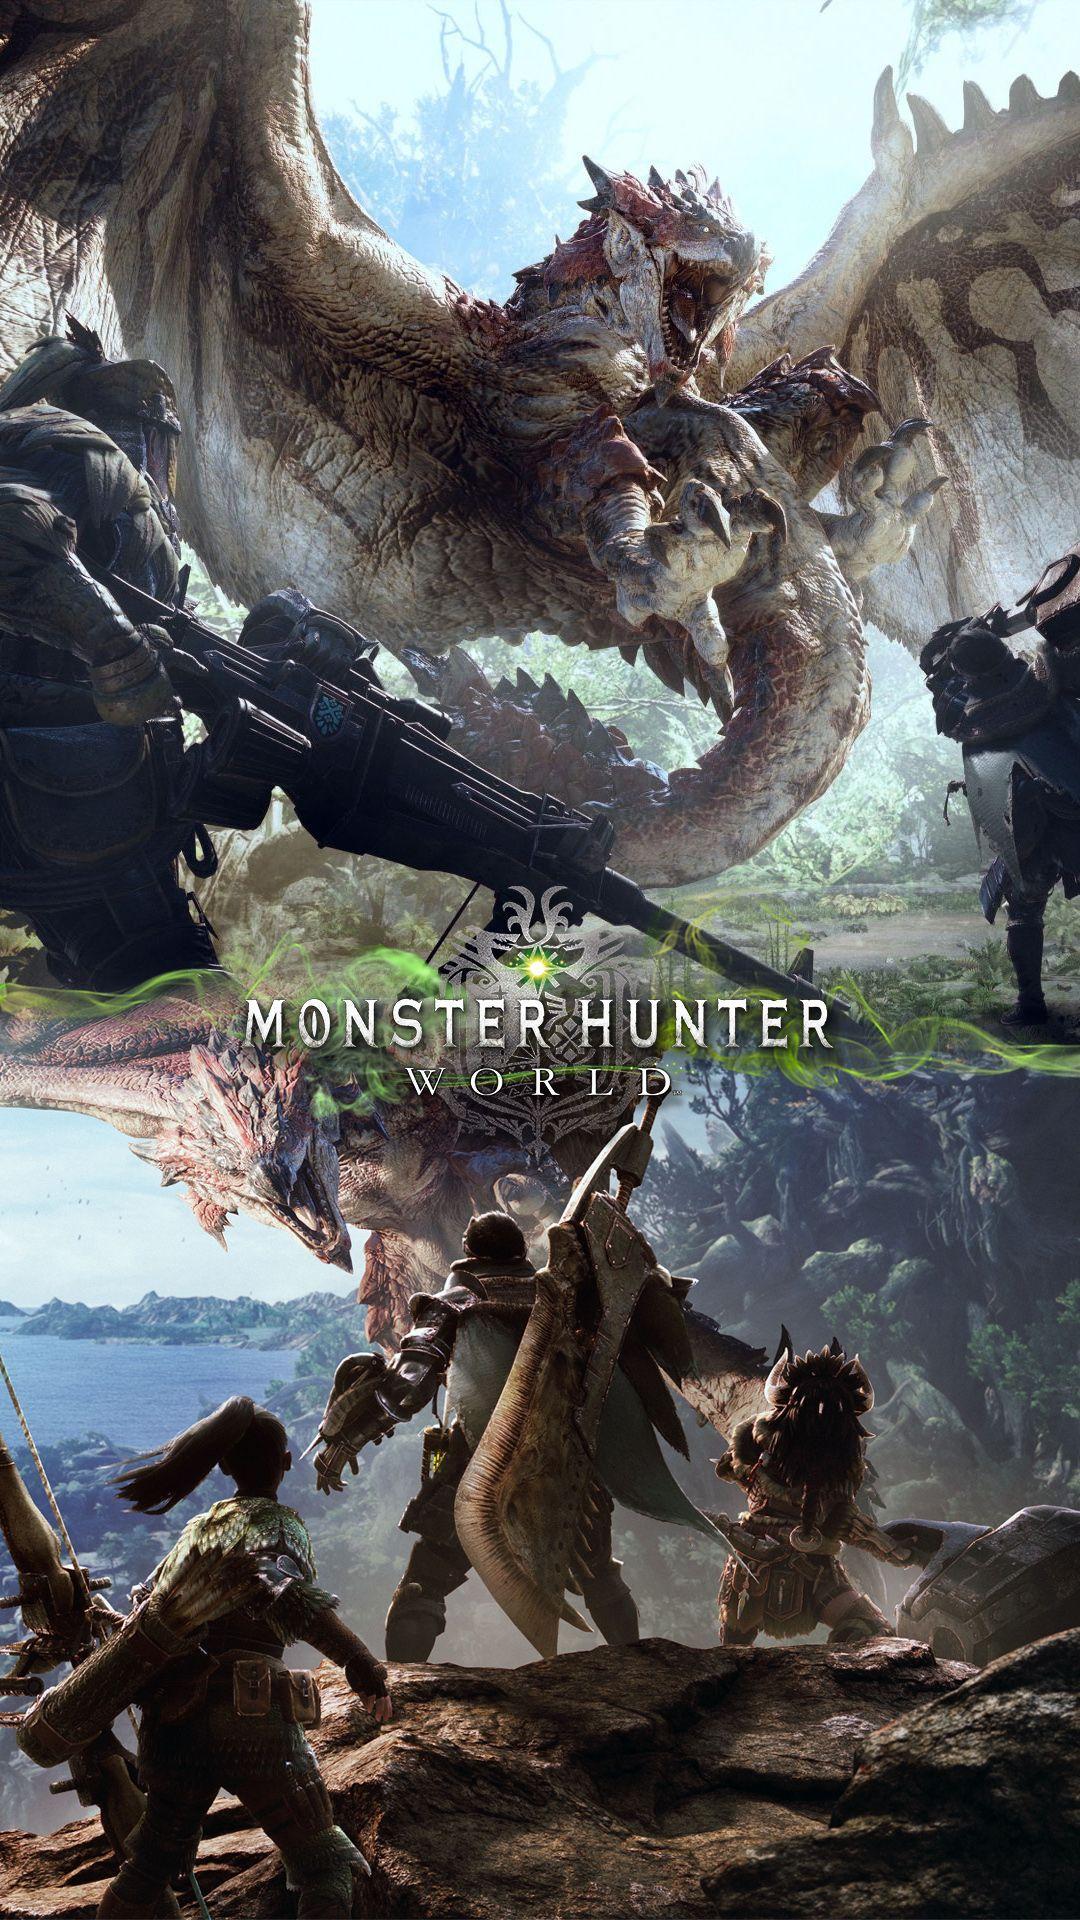 monster hunter phone wallpaper